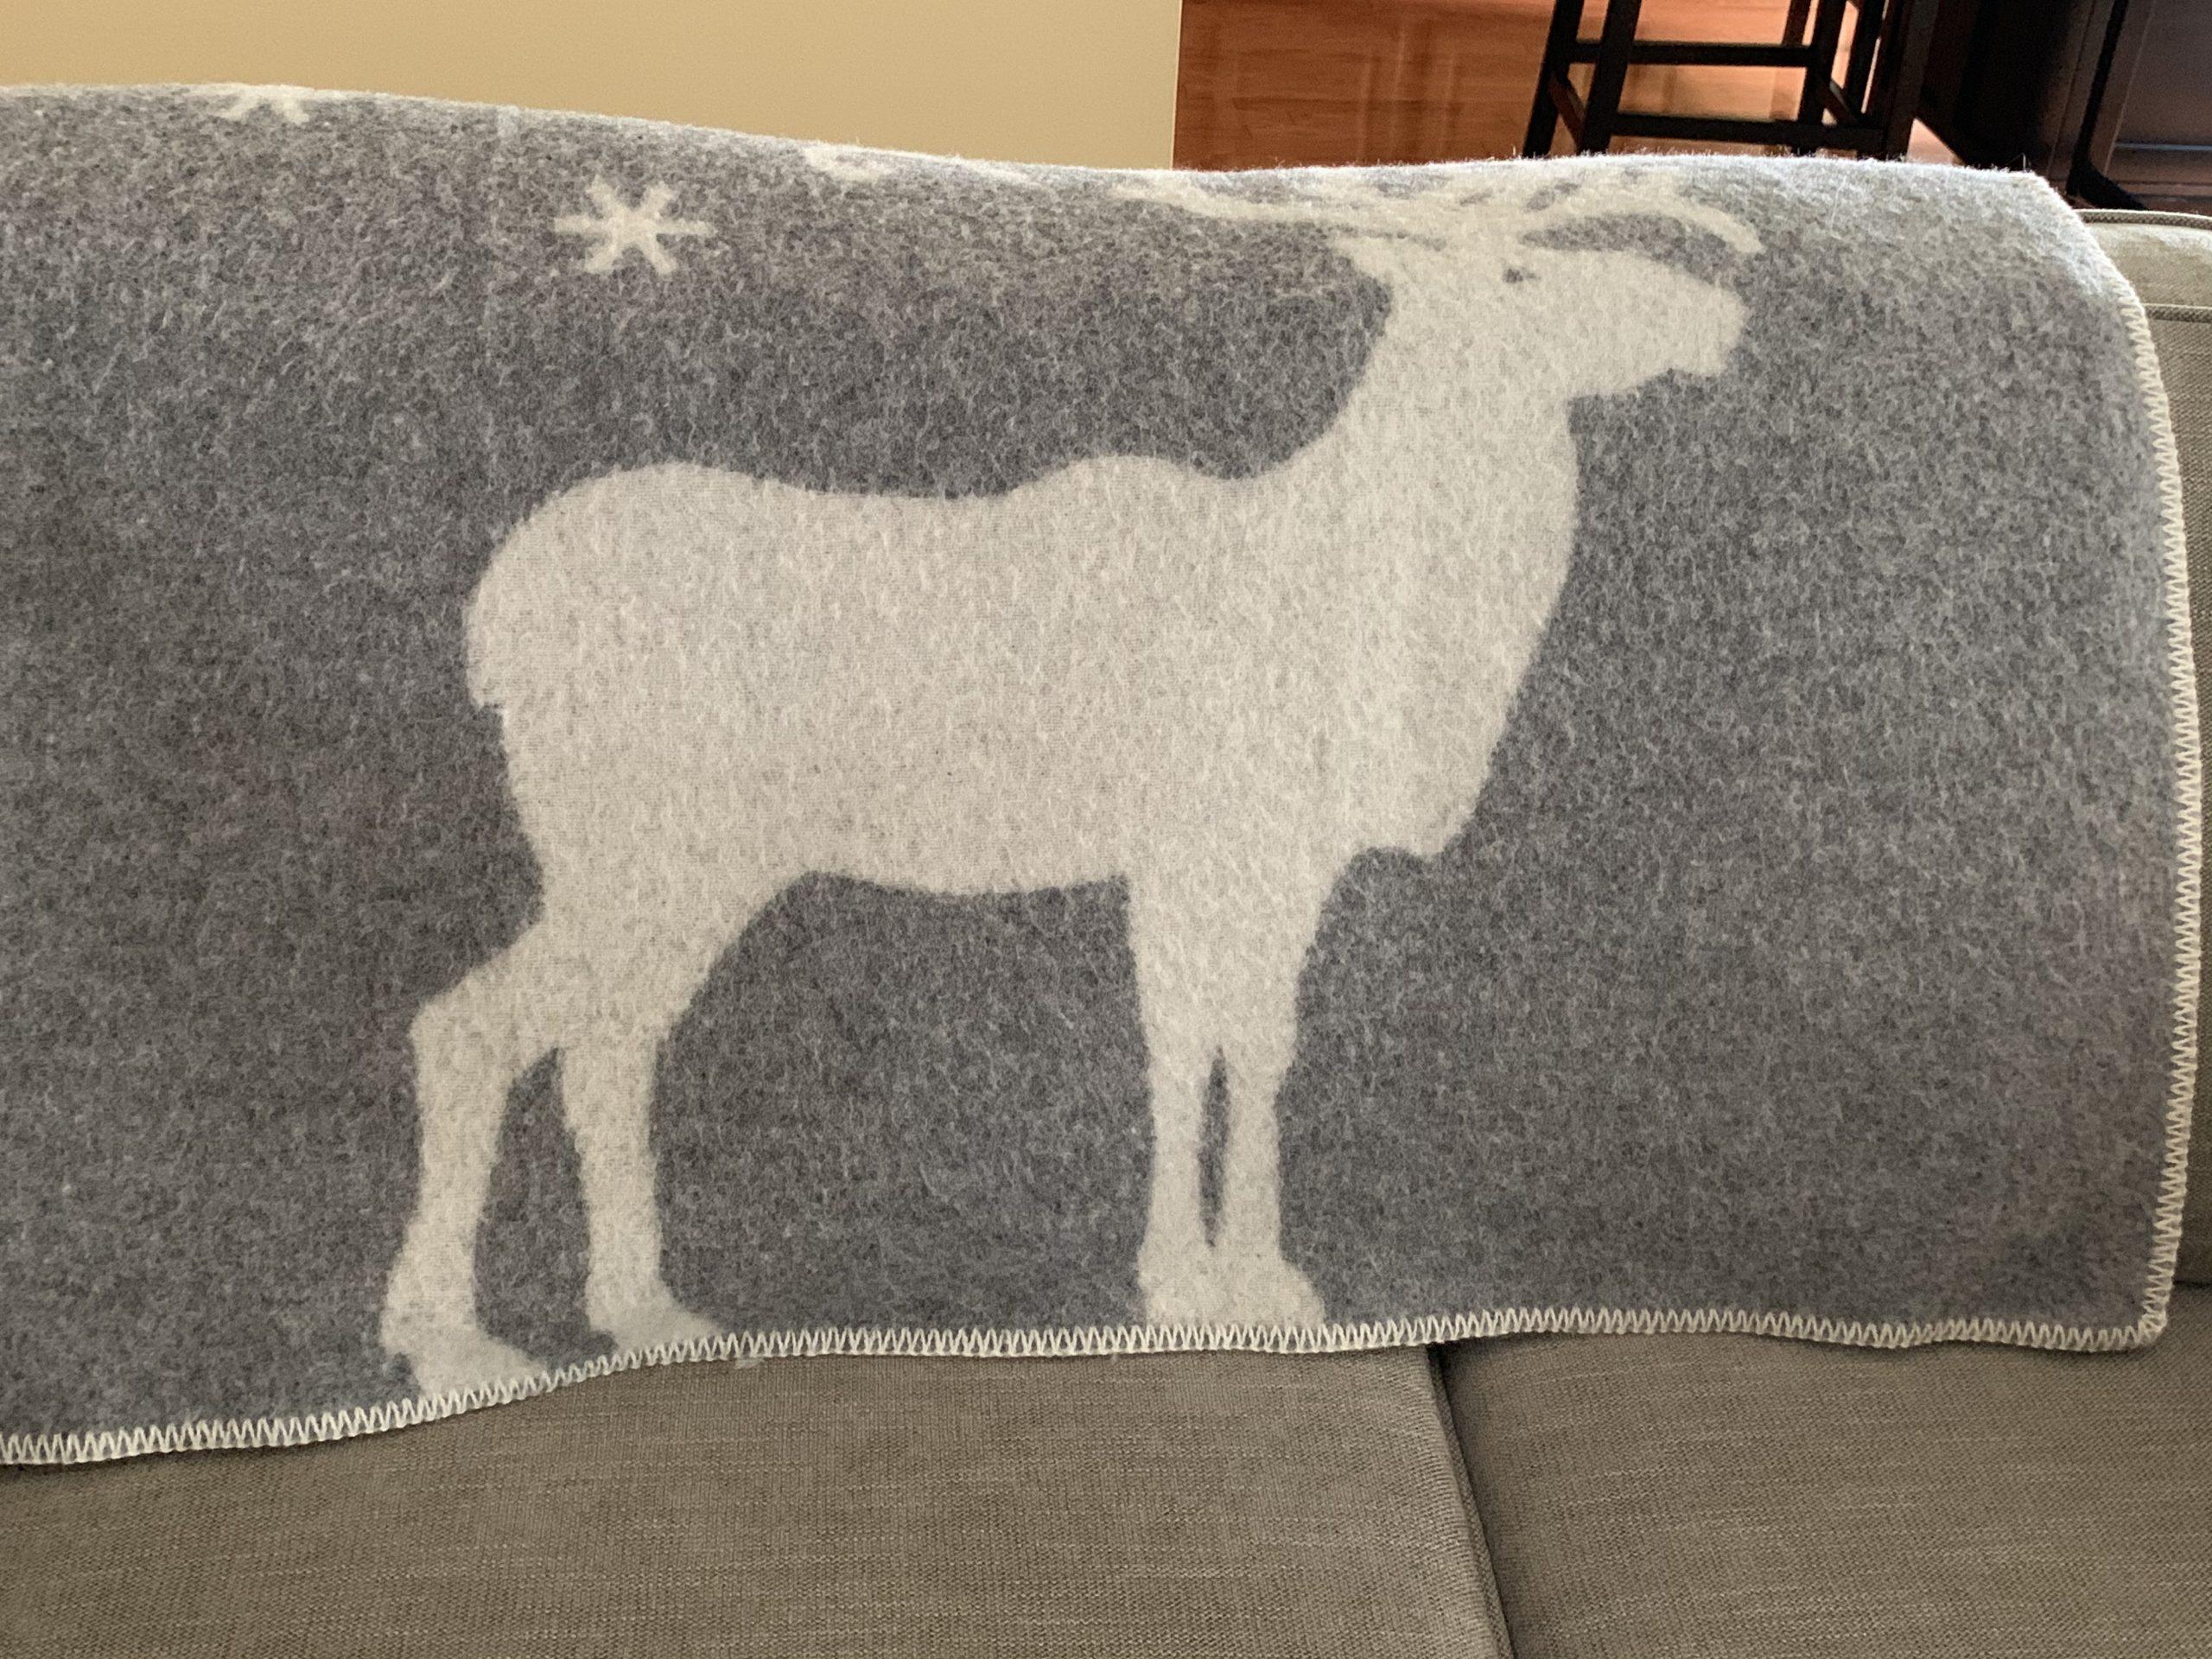 Reindeer wool blanket